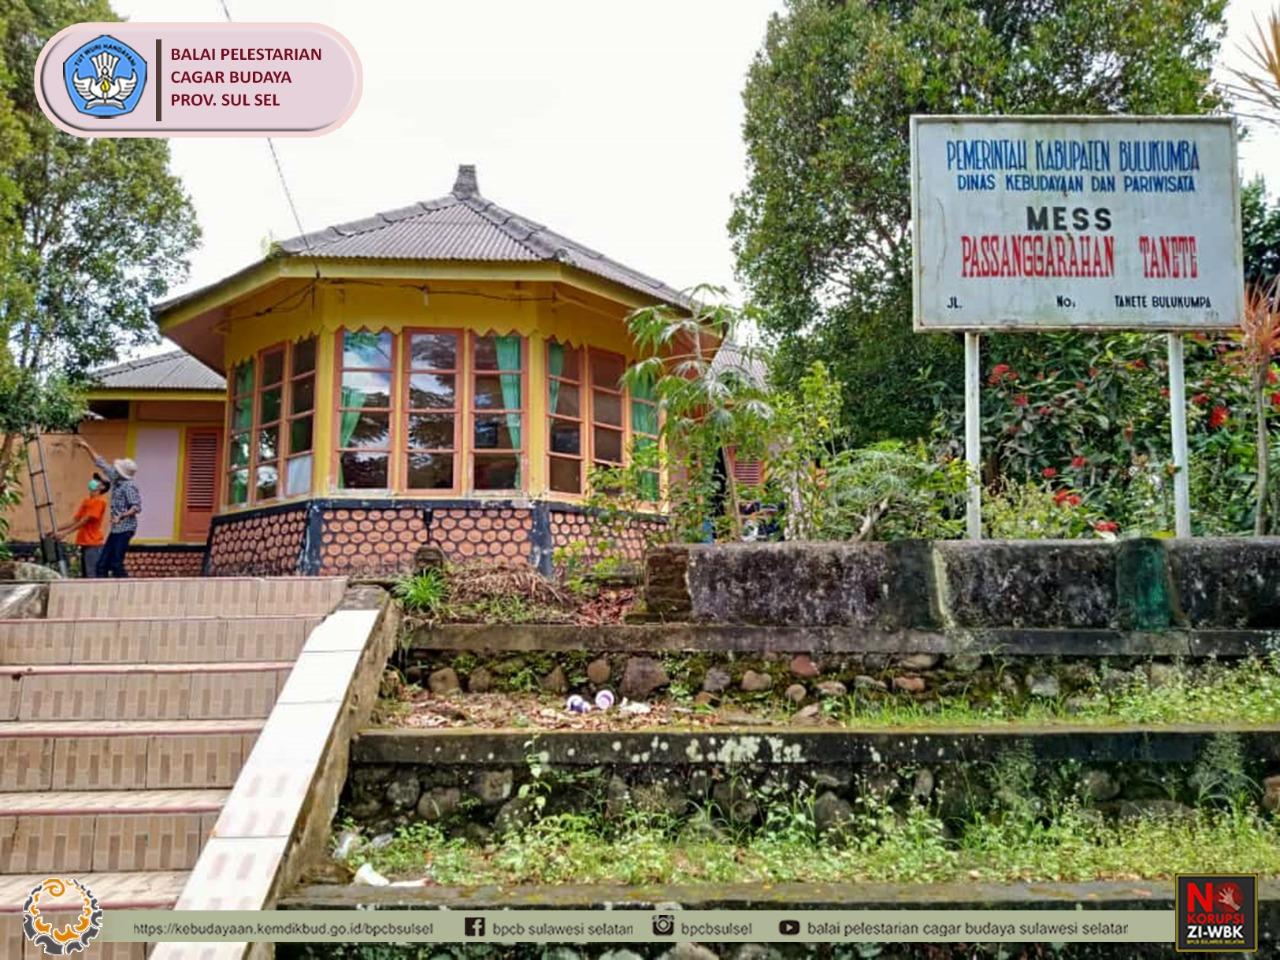 Penggambaran Bangunan Kolonial Pesanggarahan Tanete, Kabupaten Bulukumba, Provinsi Sulawesi Selatan